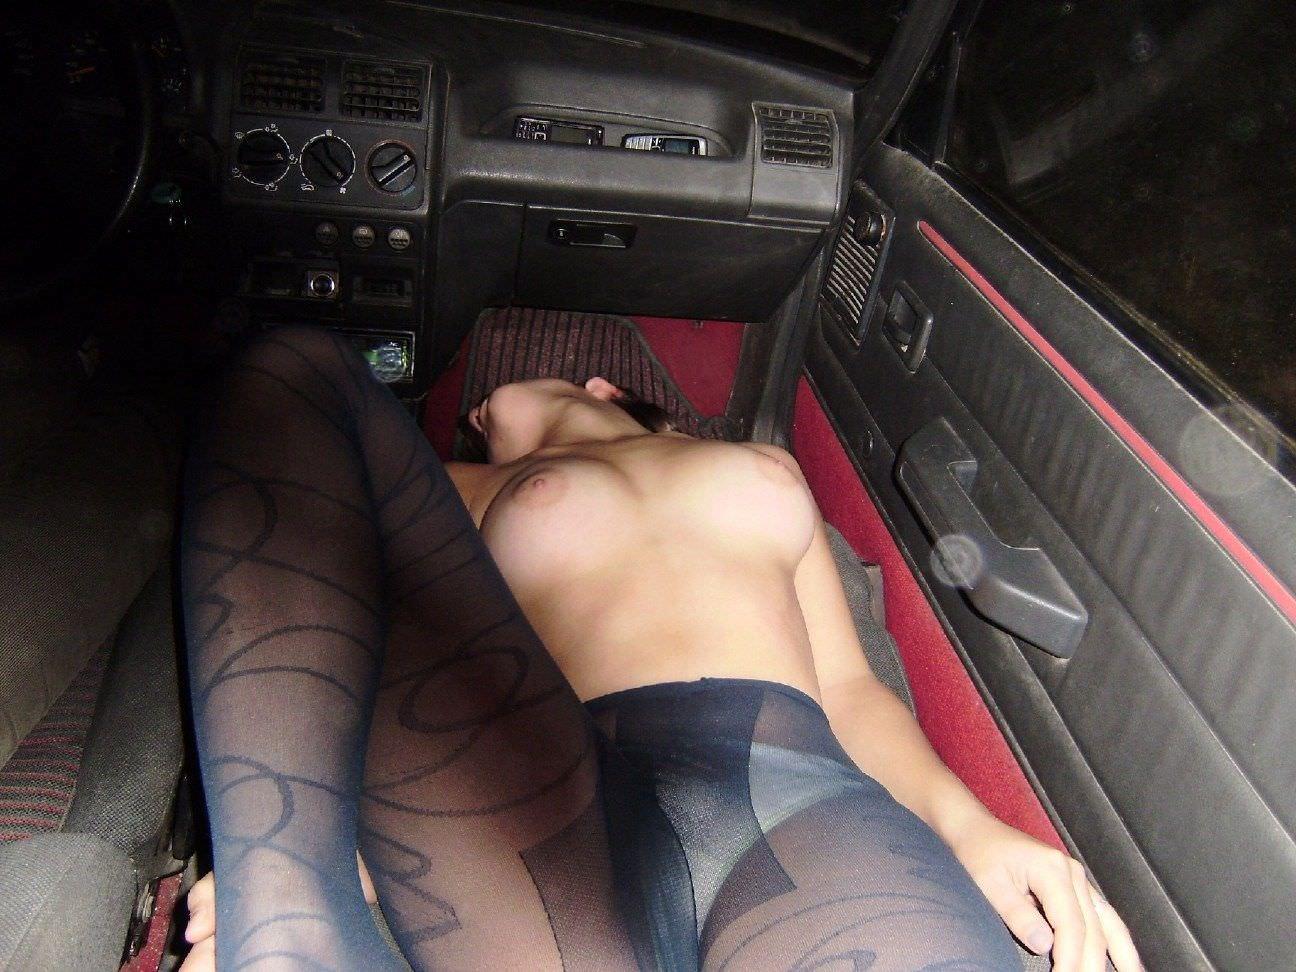 高速道路運転中に大胆な格好でフェラしてる素人カップルwwwwwwwwwwwwwww 1887